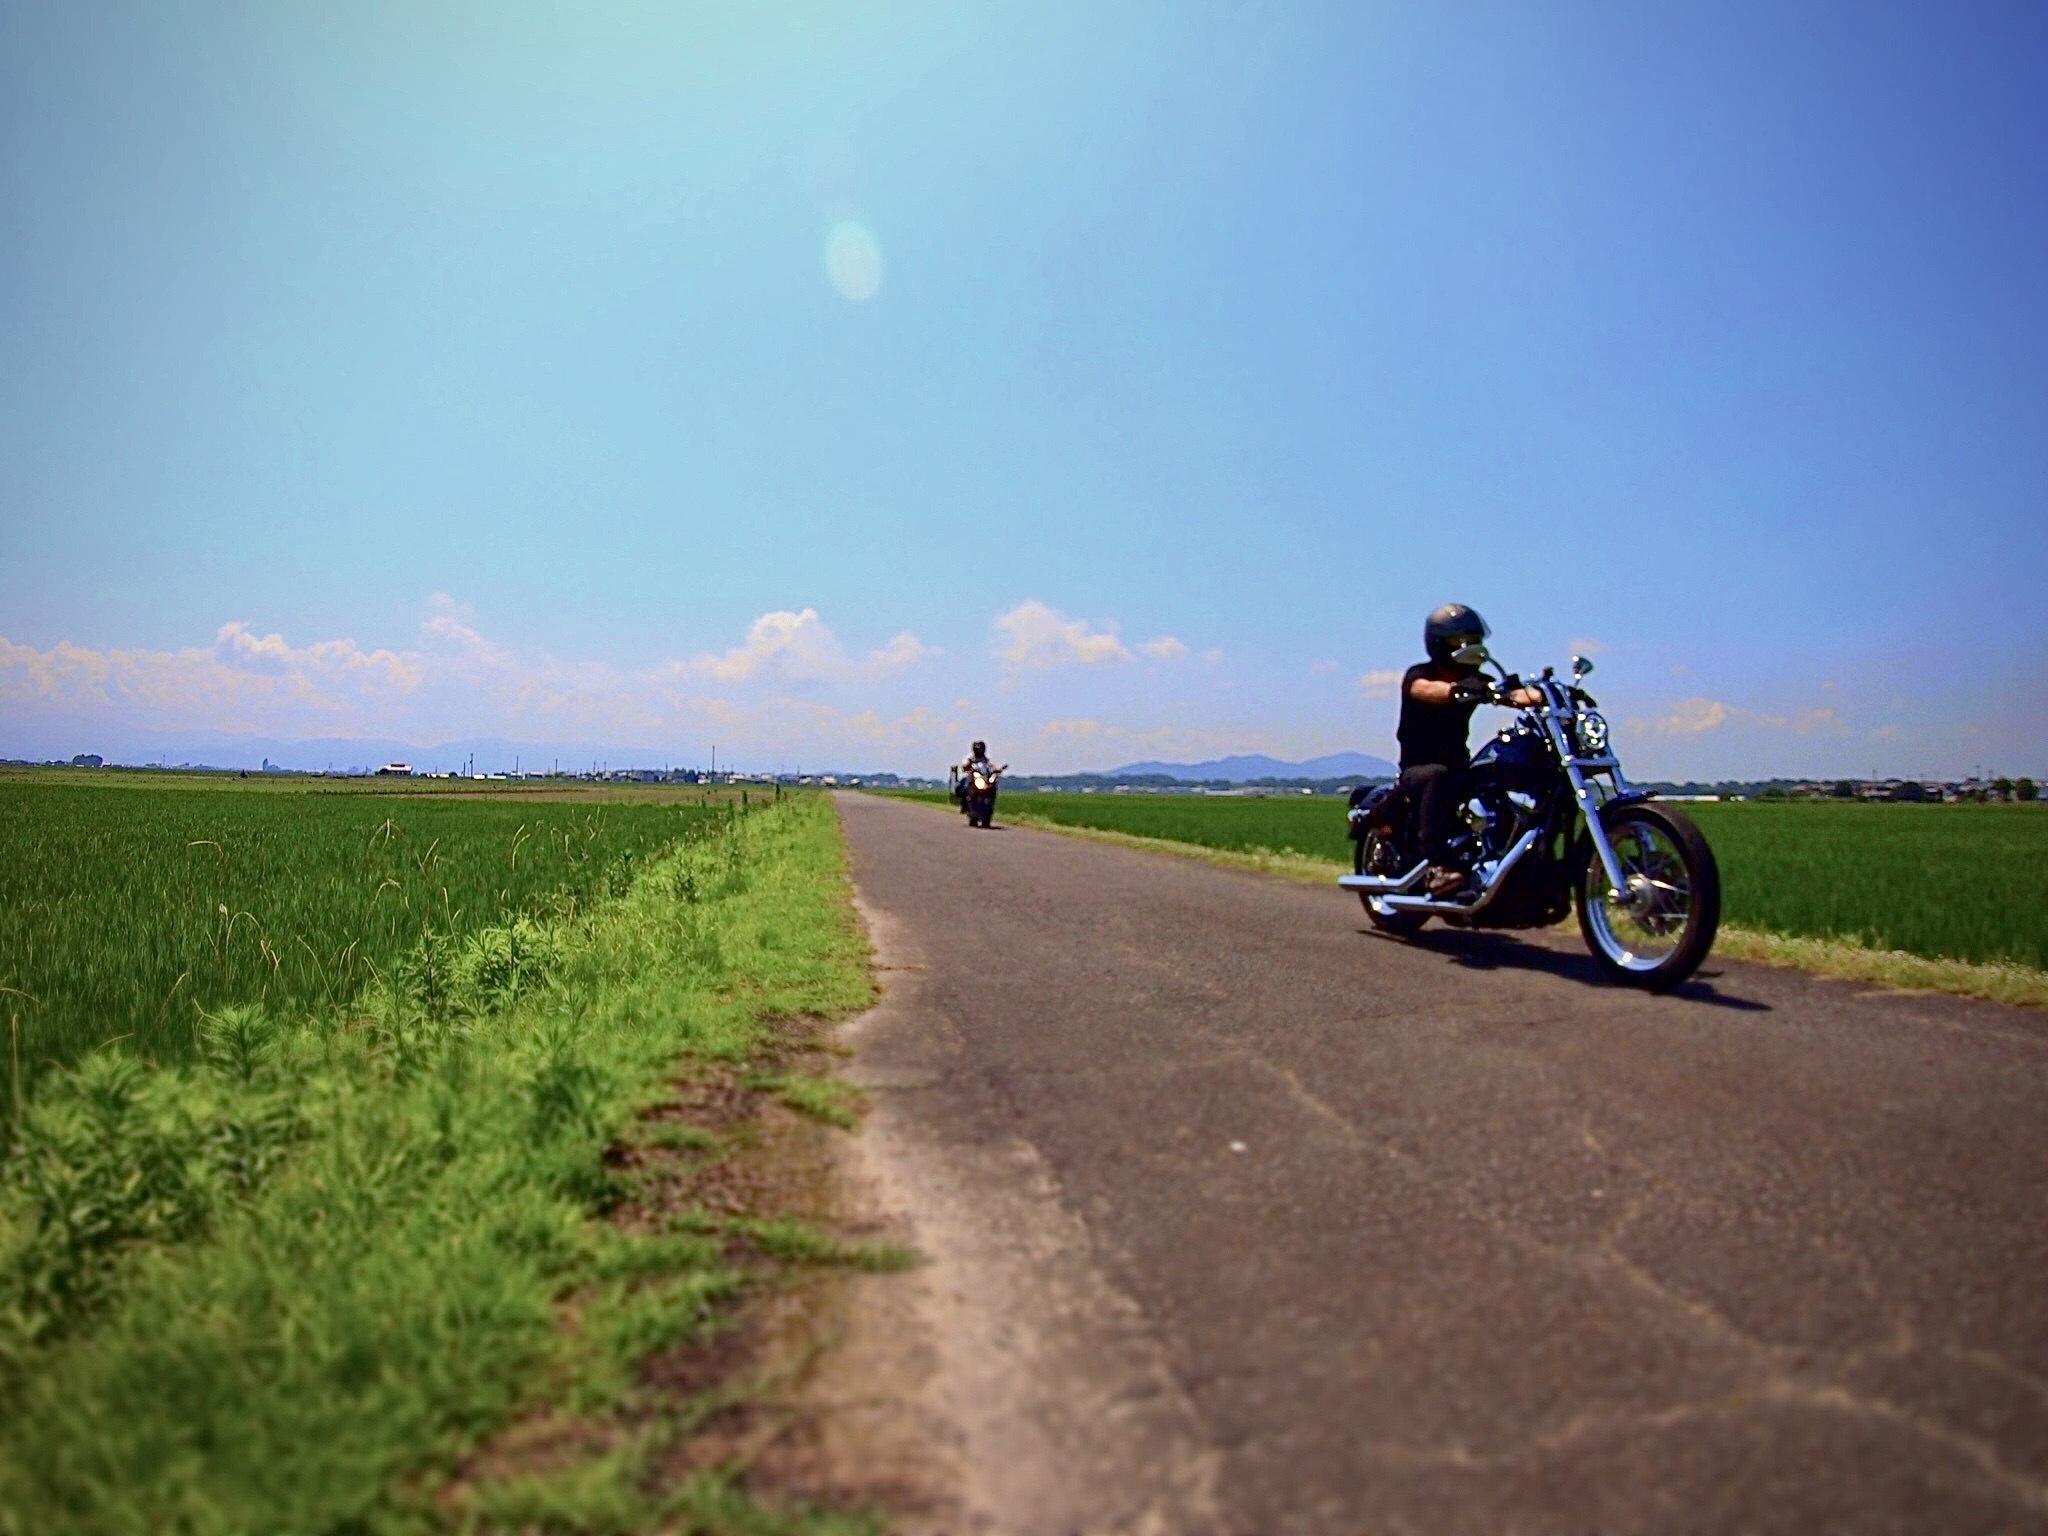 ぴーきちハーレーブログ ビワイチ ヨゴイチツーリング 近江八幡の田んぼ 近江米